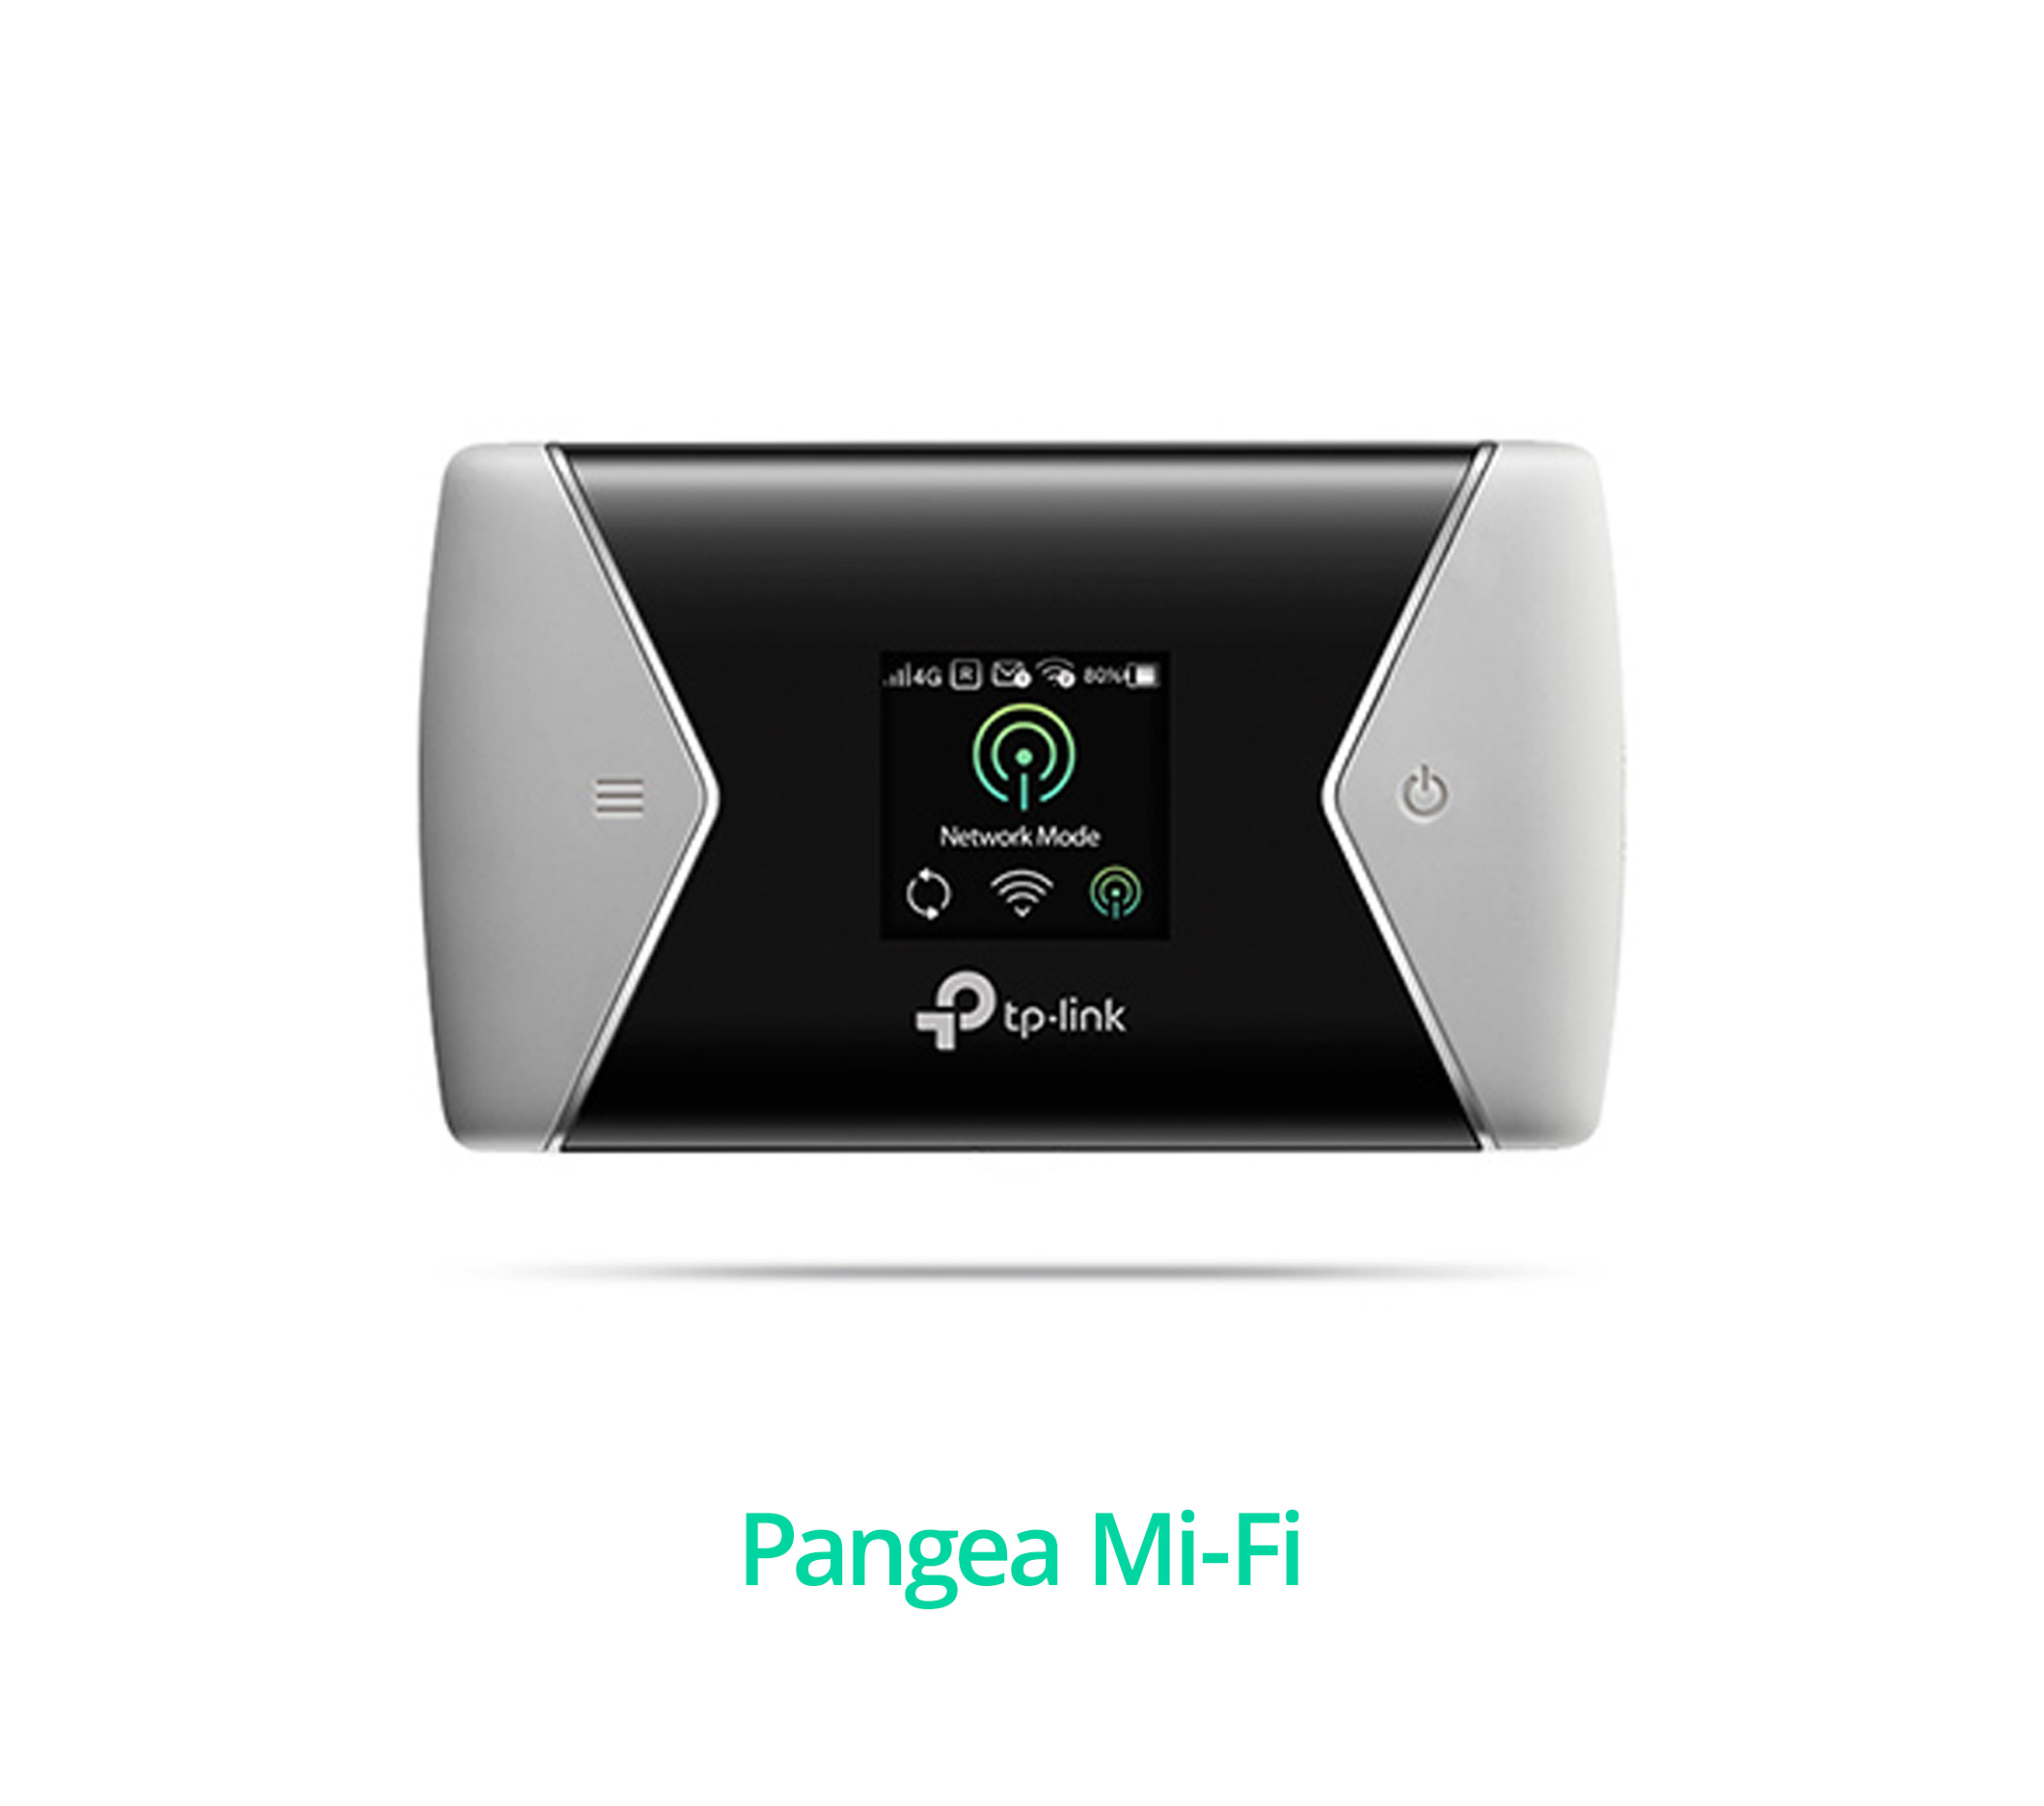 Pangea Soho router - Pangea Mi-Fi link